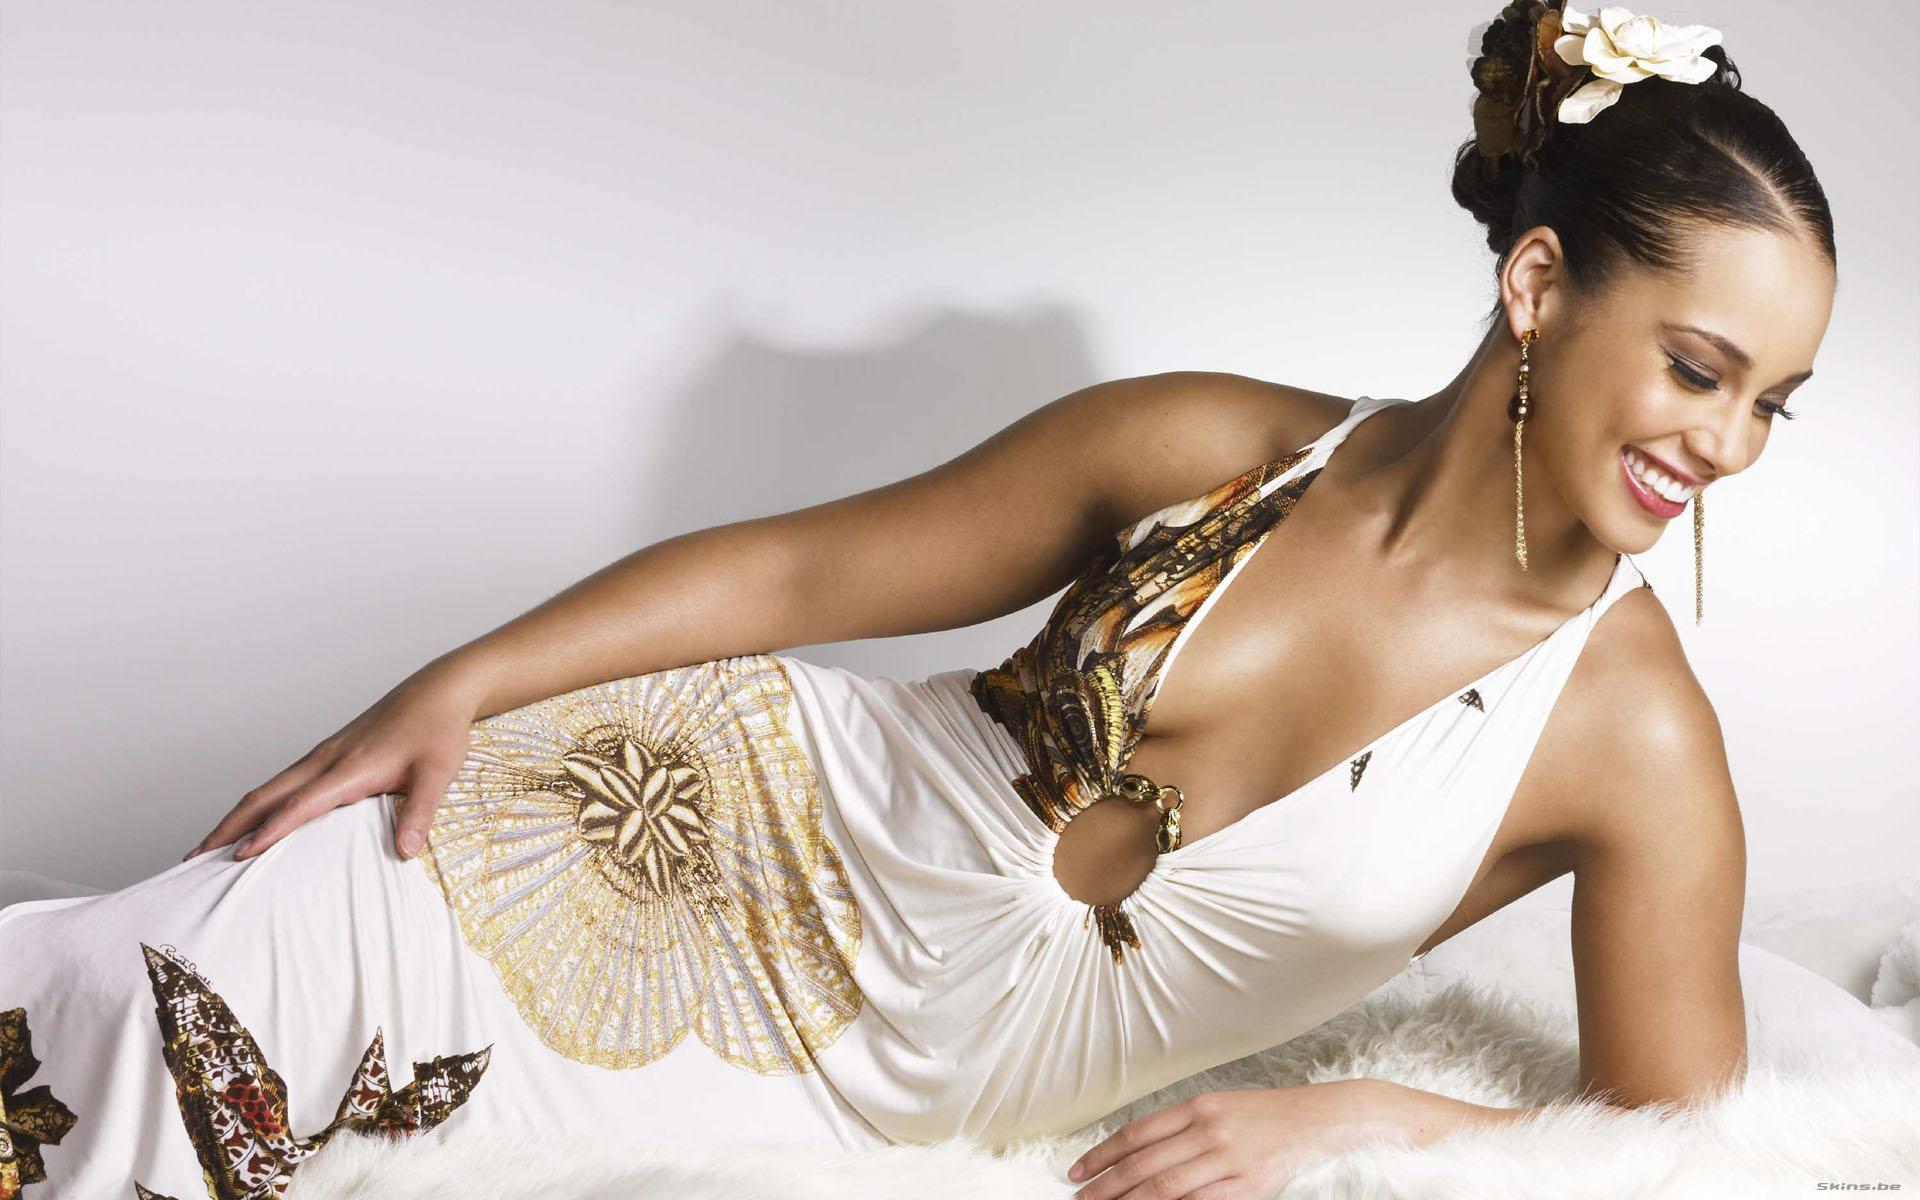 Music Alicia Keys 1920x1200